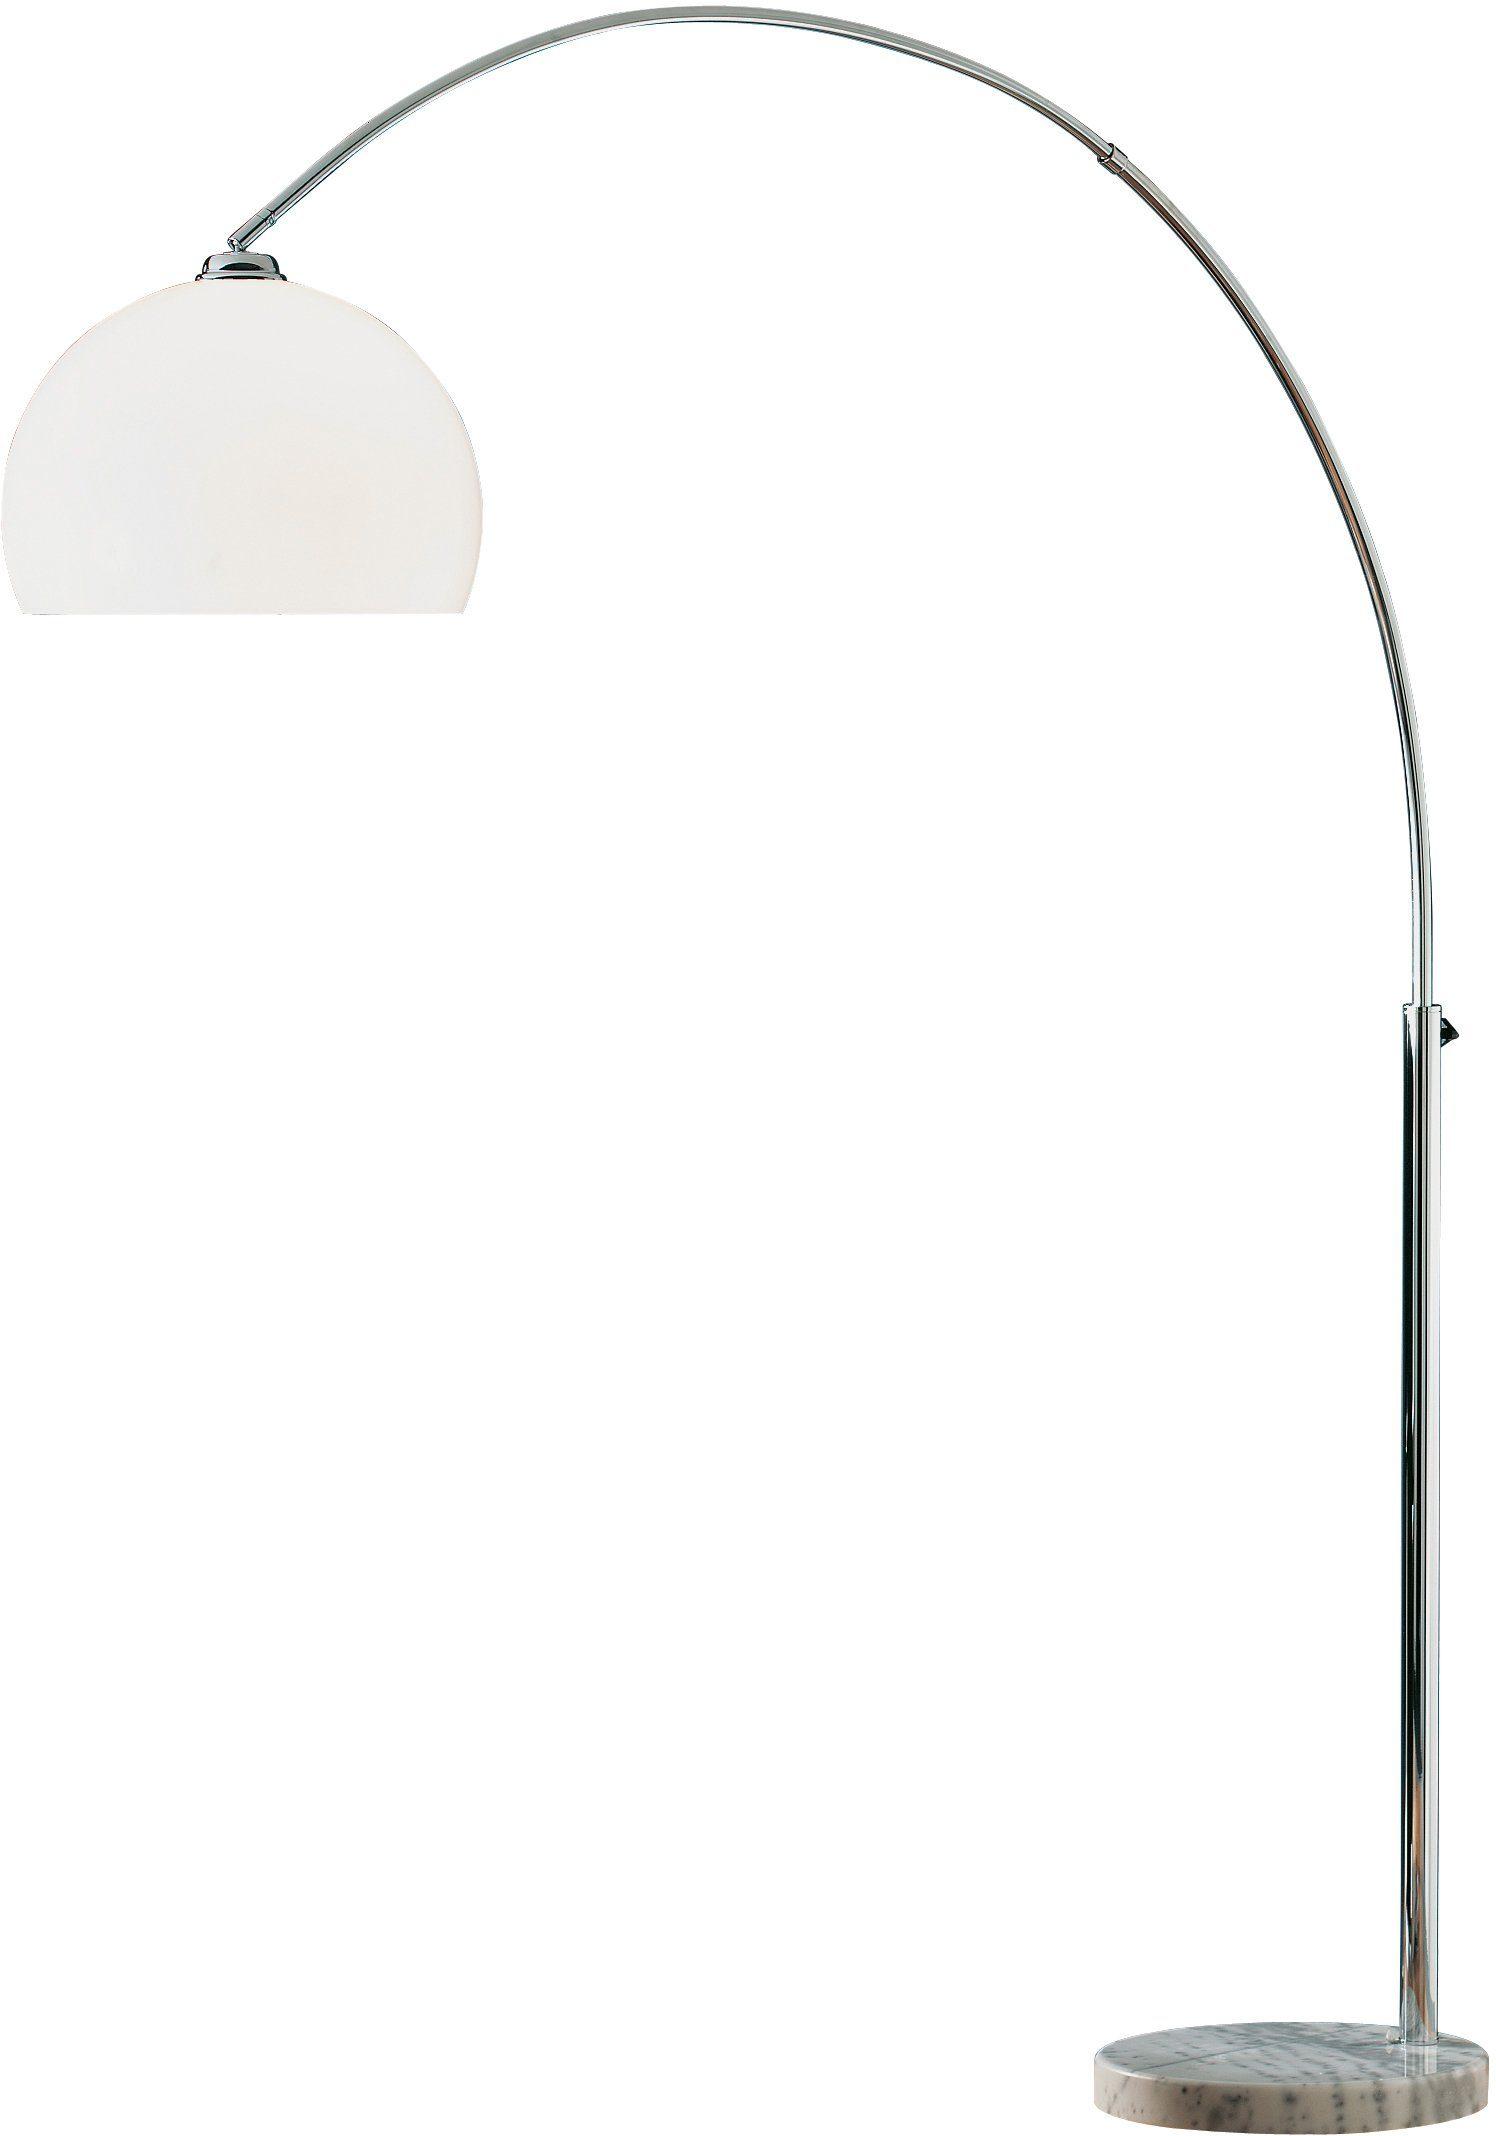 Trio-Leuchten mit Dimmer Höhe 210cm LED-Bogenleuchte Metall weiß